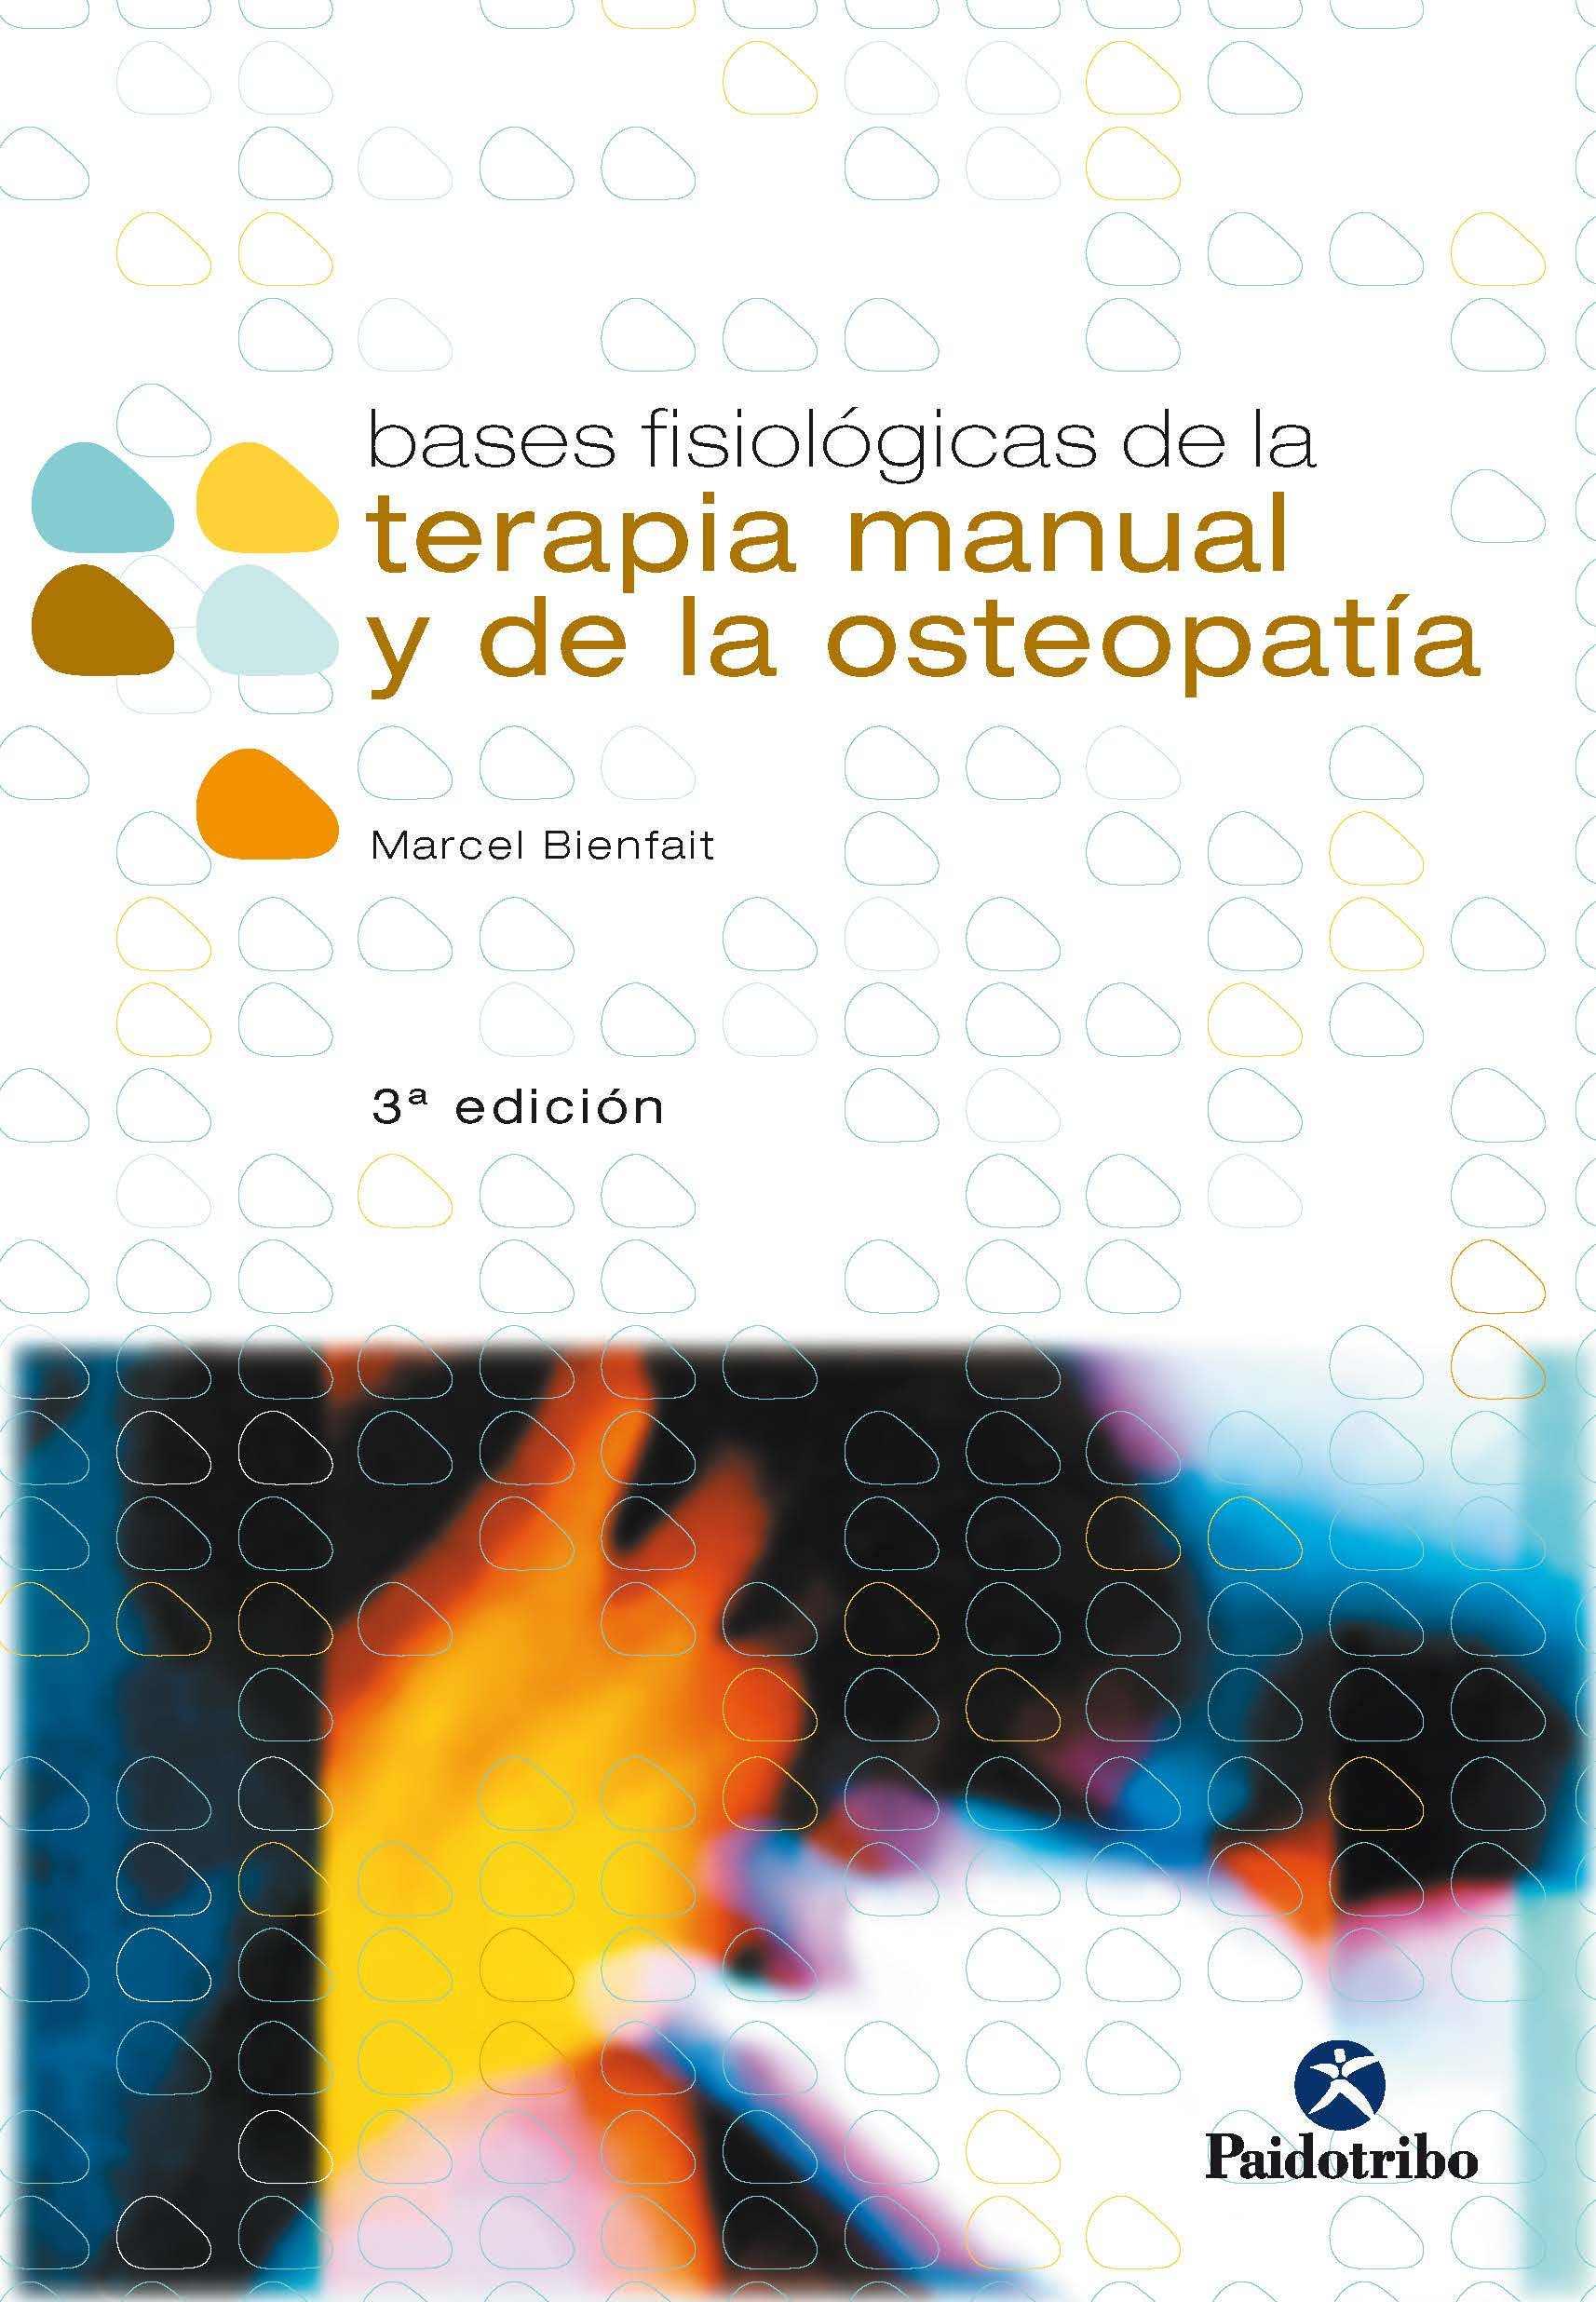 BASES FISIOLOGICAS DE LA TERAPIA Y MANUAL Y DE LA OSTEOPATIA